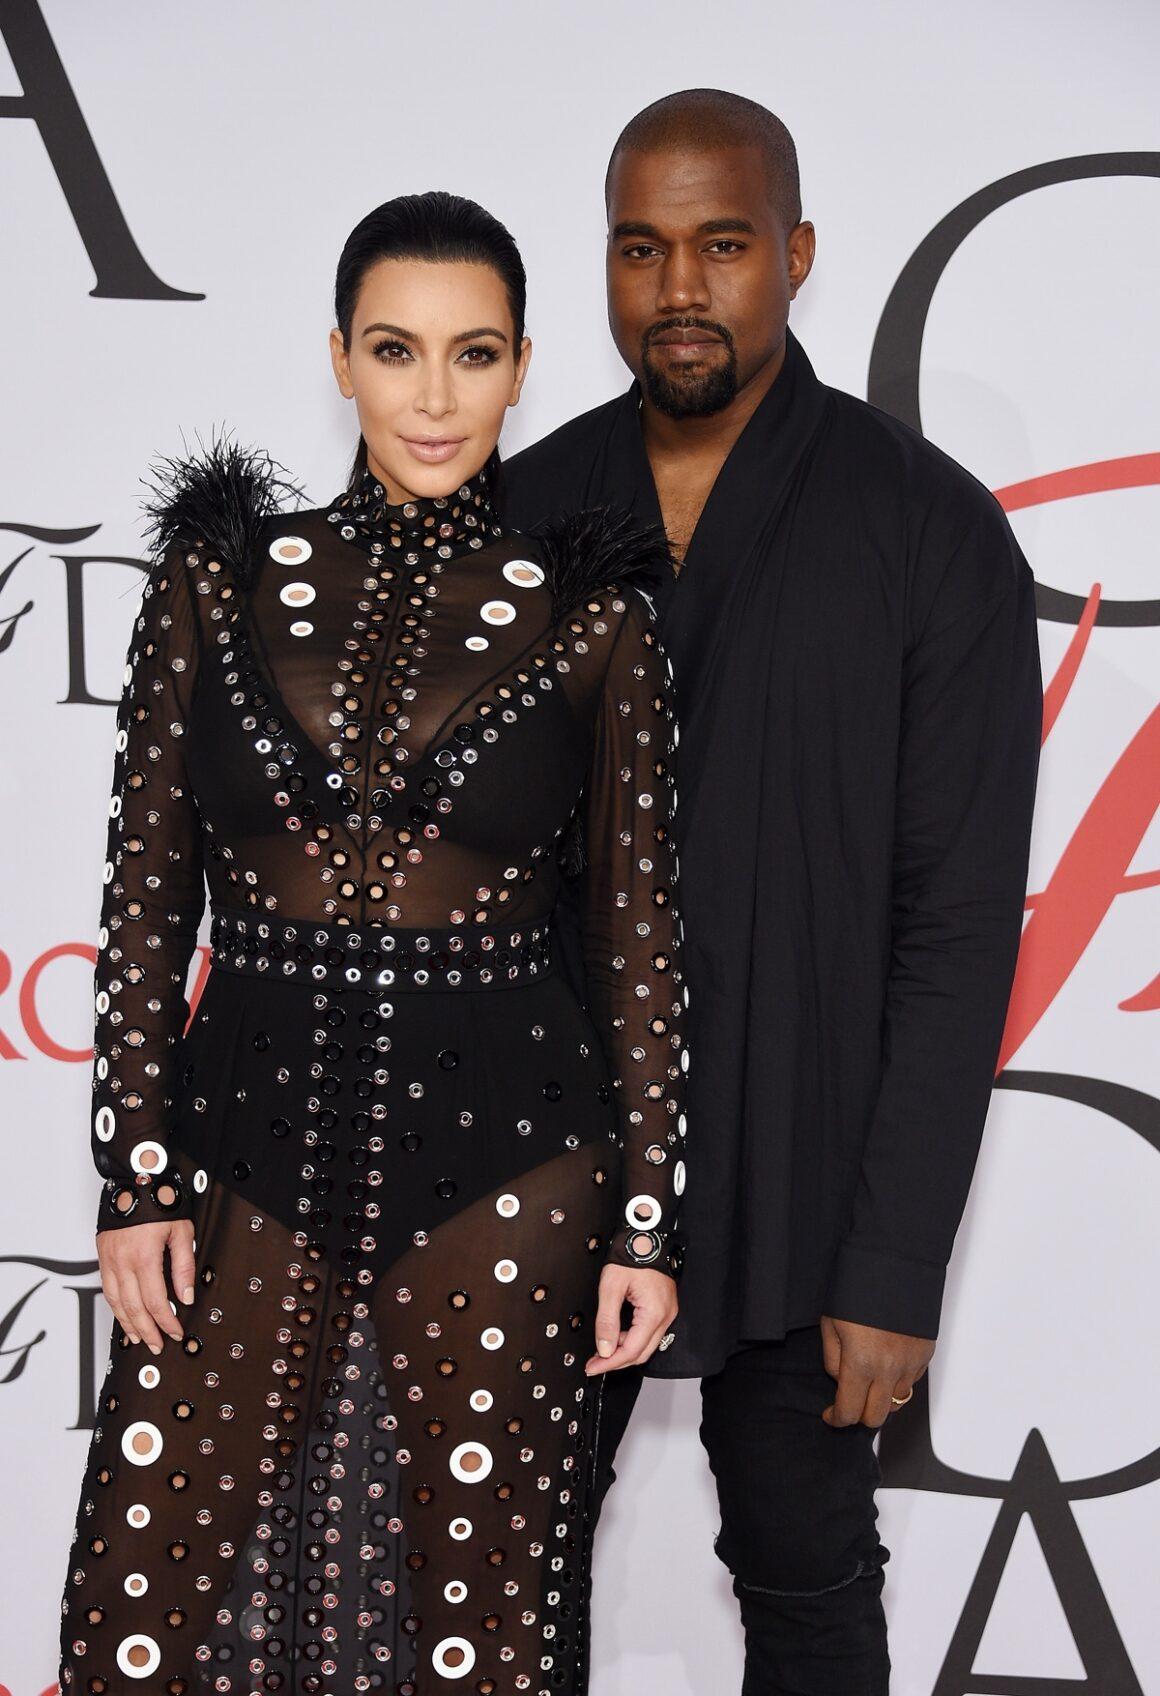 Kim Kardashian and Kanye West 2015 CFDA Fashion Awards - Inside Arrivals